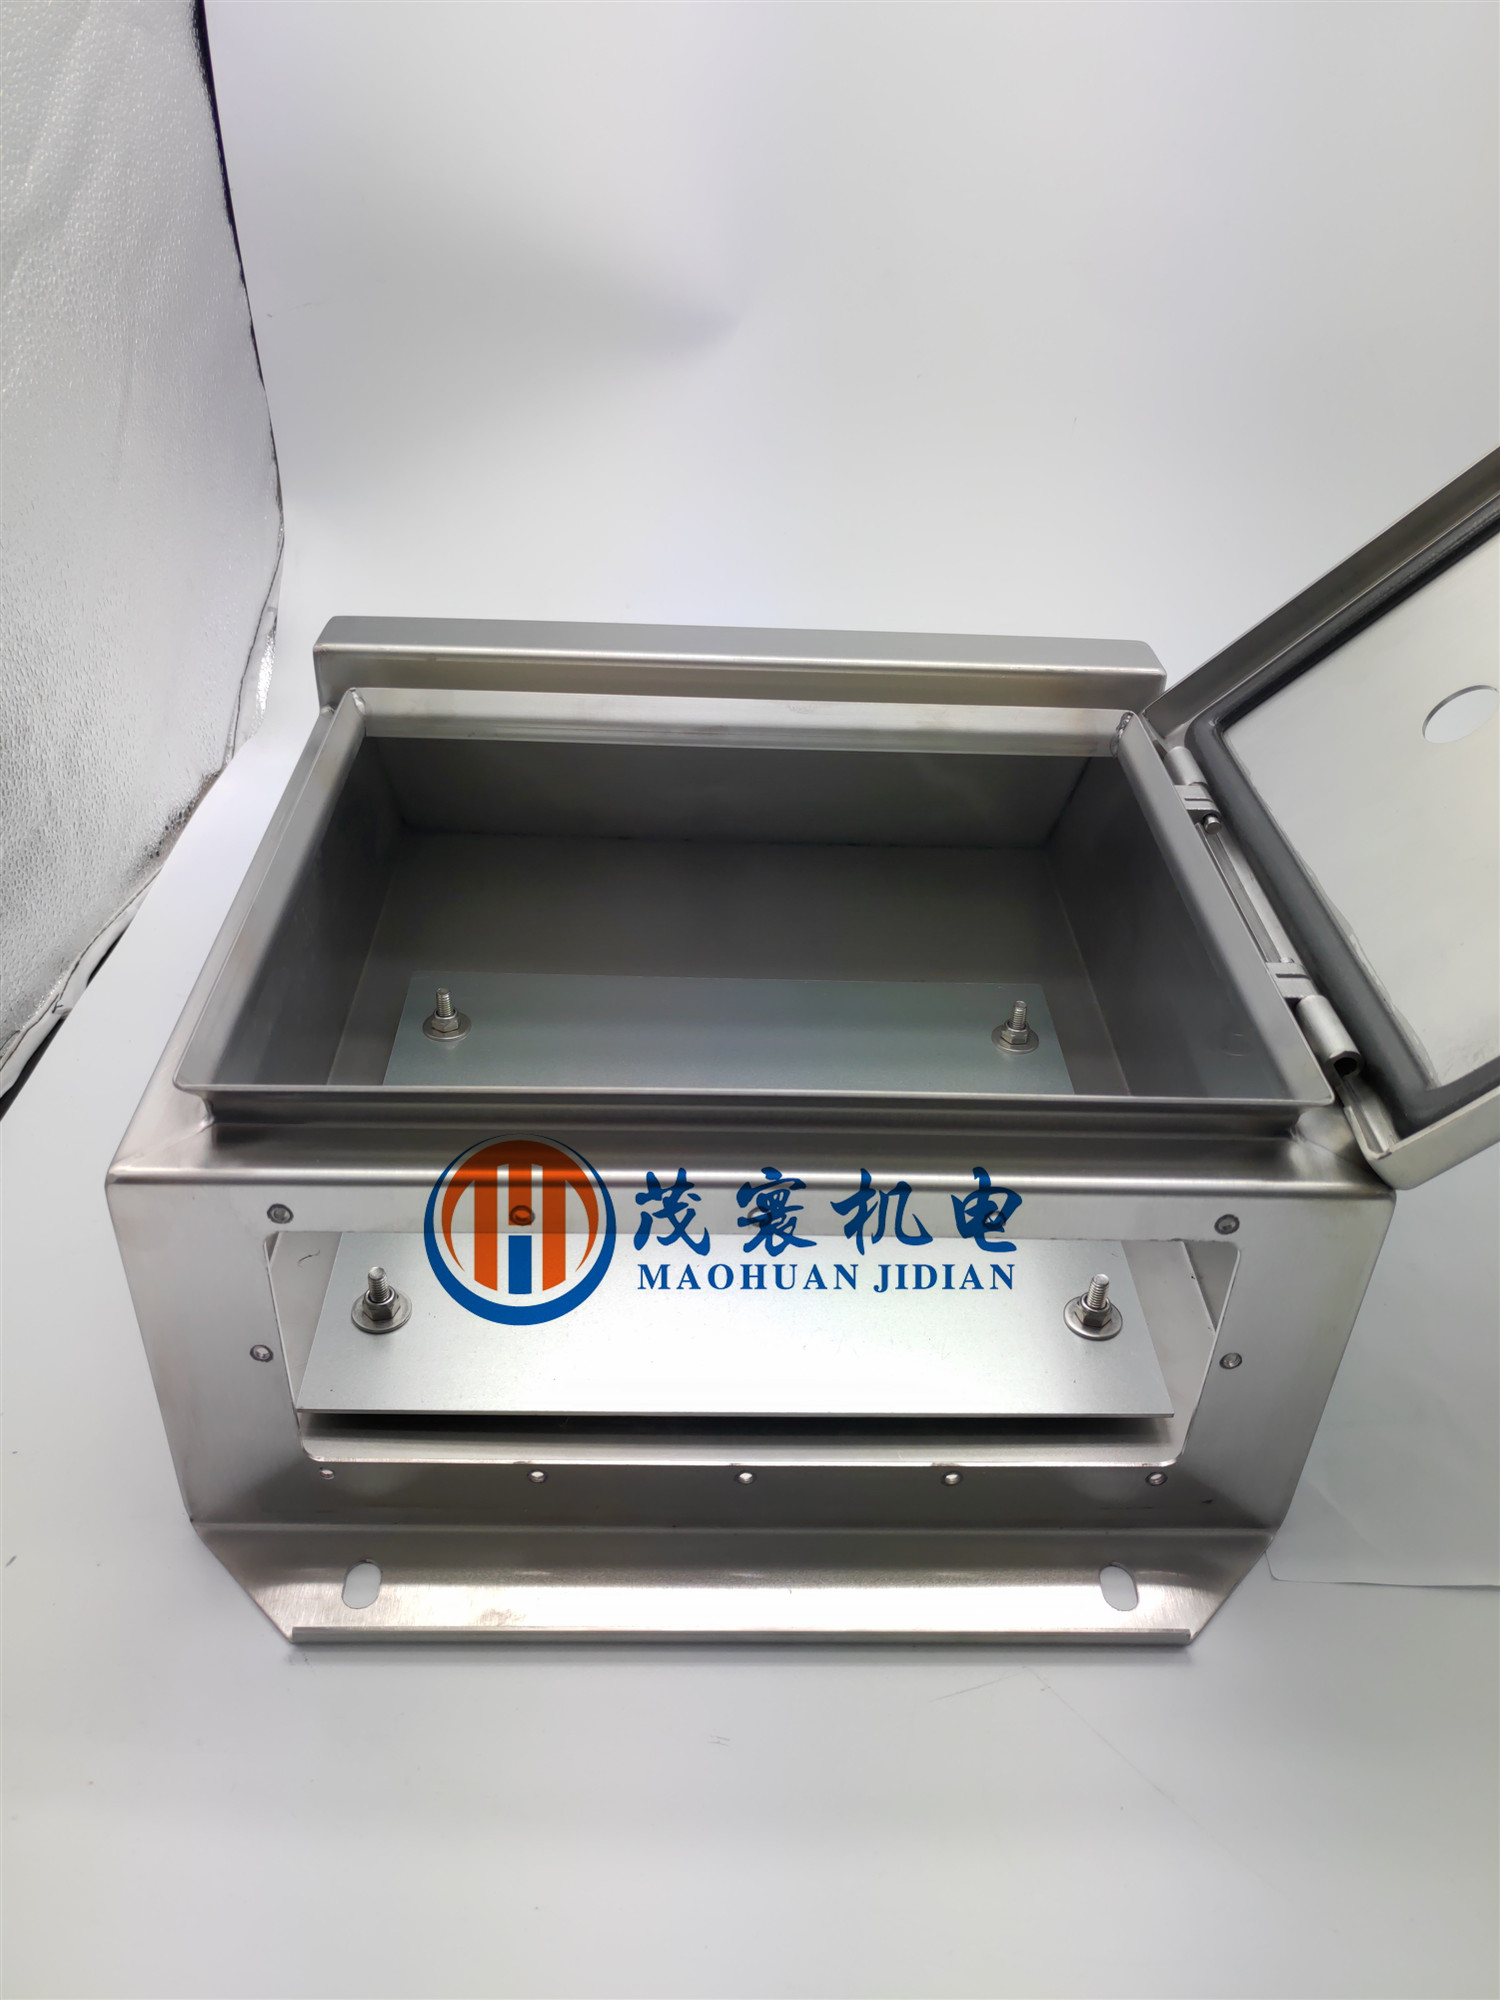 防雨型316L不锈钢配电箱  一体式配电箱  出口不锈钢配电箱  300*300*140 不锈钢配电箱